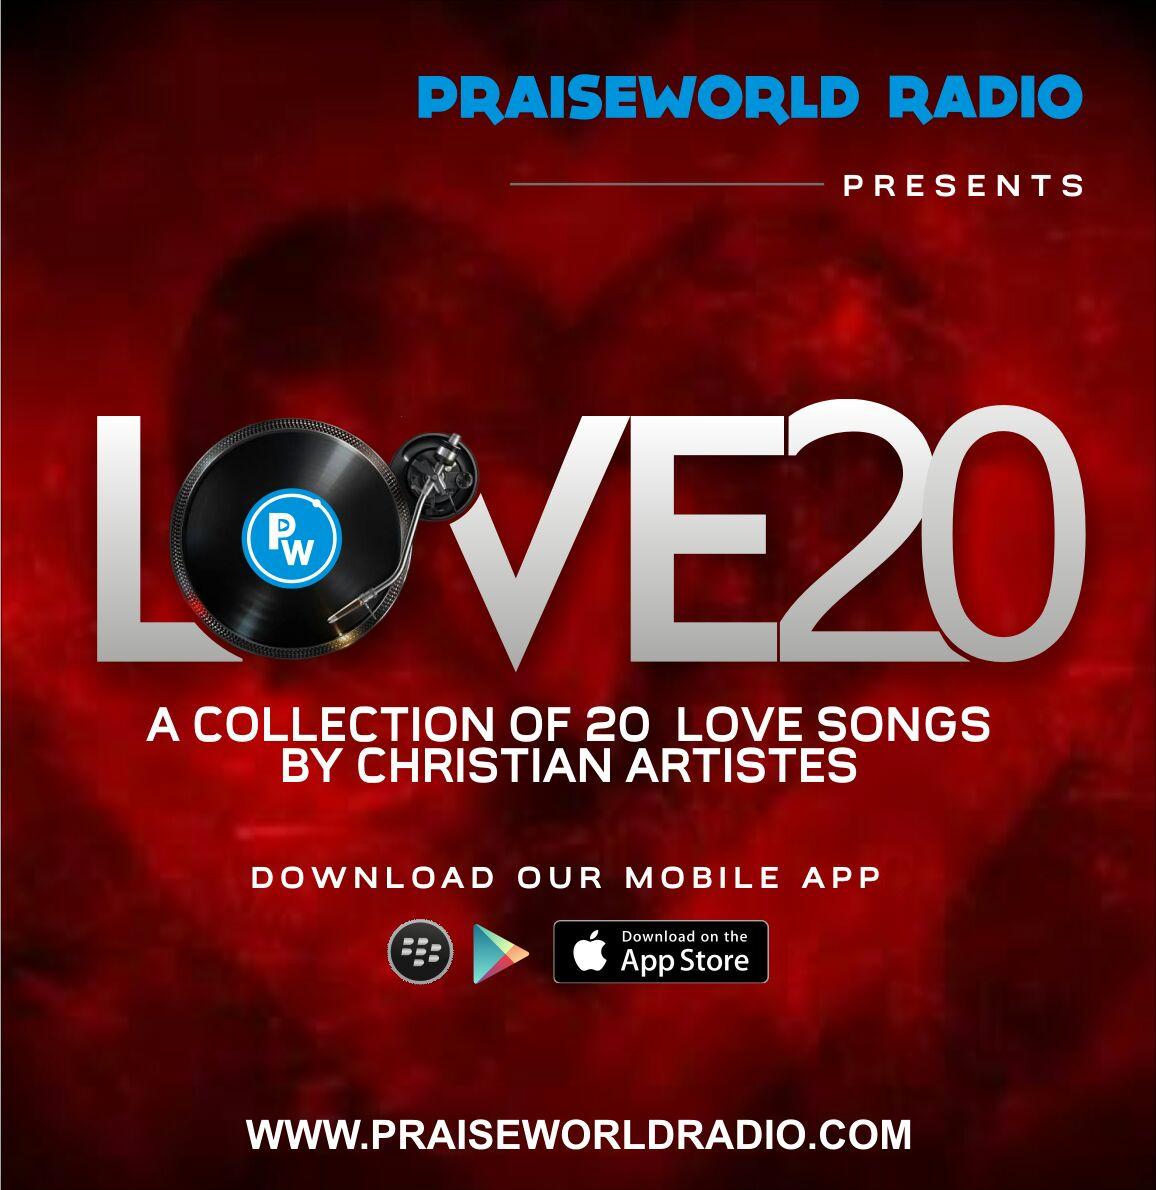 Konkani love songs download free mp3 londonlivin.